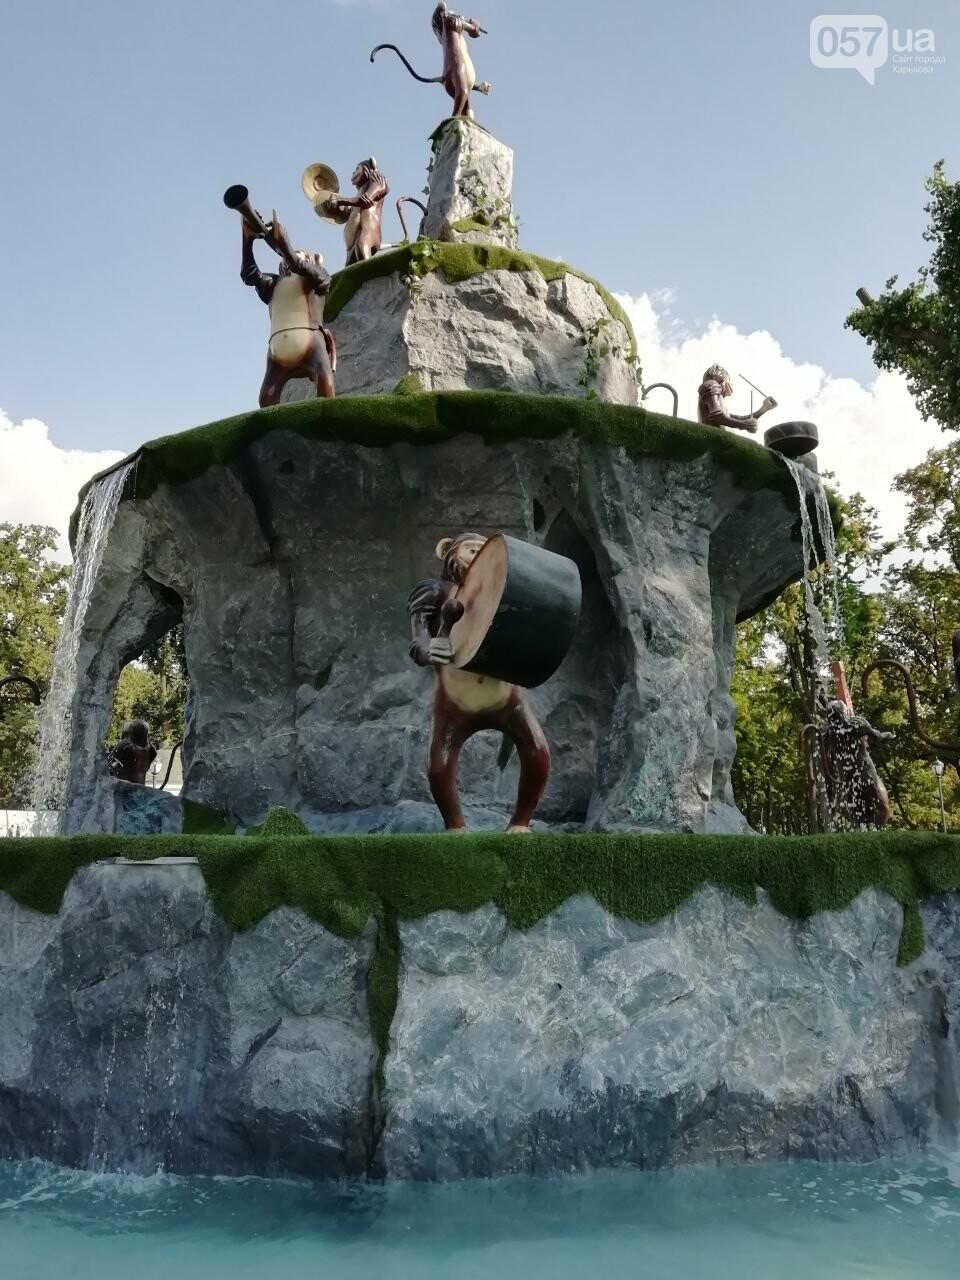 В центре Харькова появился новый фонтан и «Каскад» после реконструкции, - ФОТО, фото-3